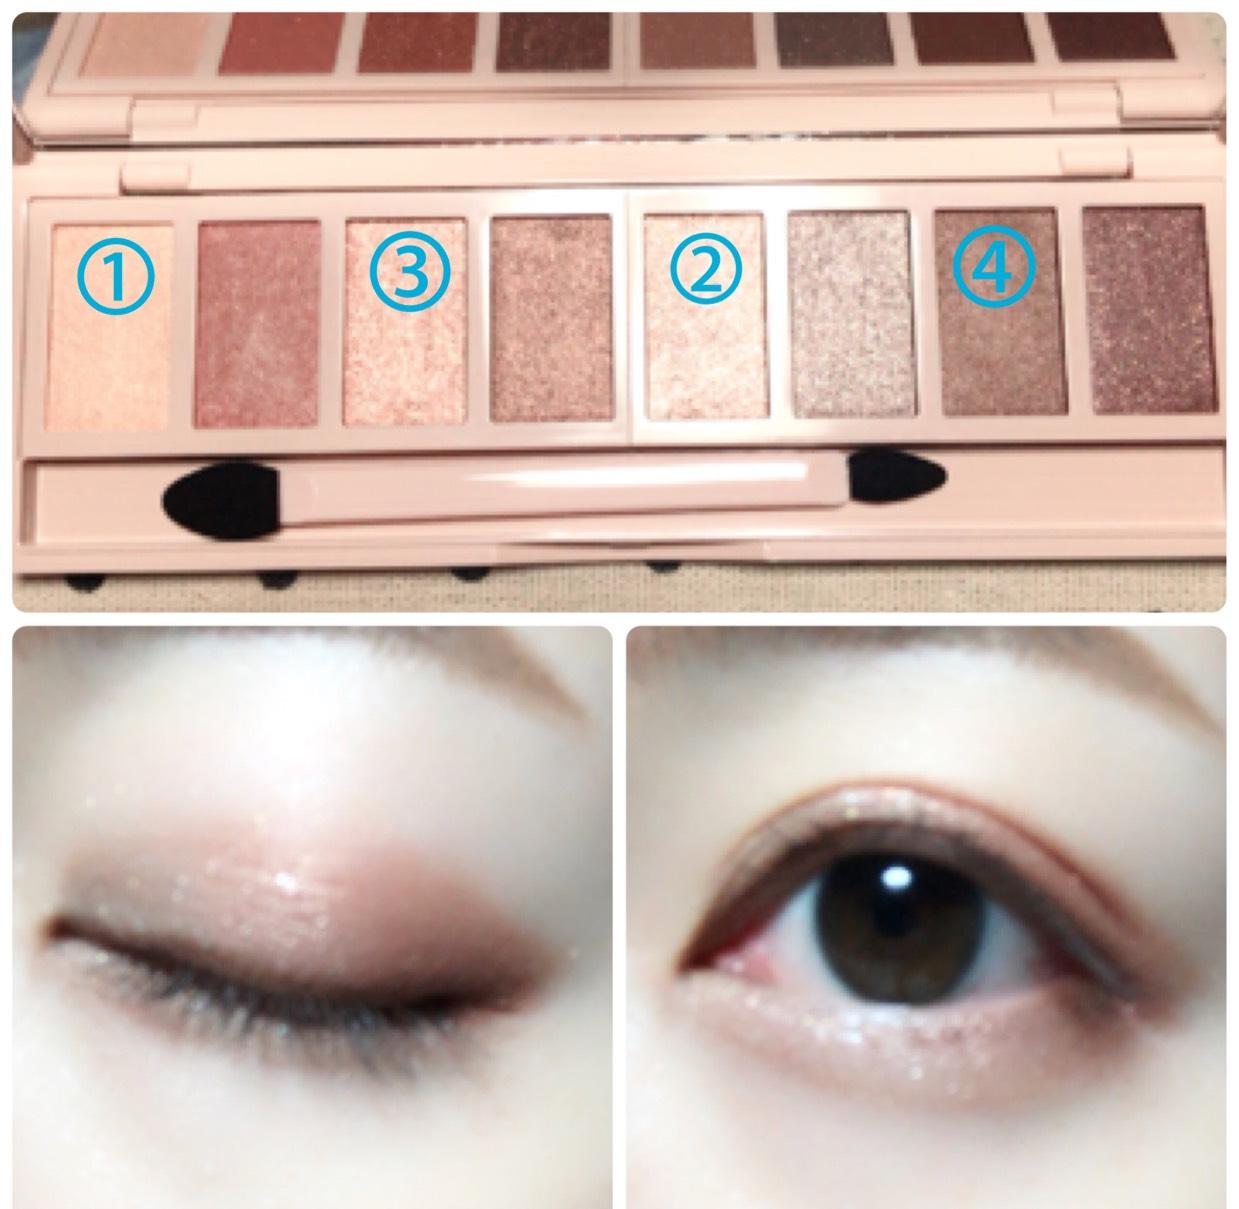 アイホール全体に①を塗り、上まぶた目頭側に②を、目尻側に③を塗り、涙袋に②、目の下目尻側に③を塗ります。 上まぶたの目の際と涙袋の影に④を使用します。